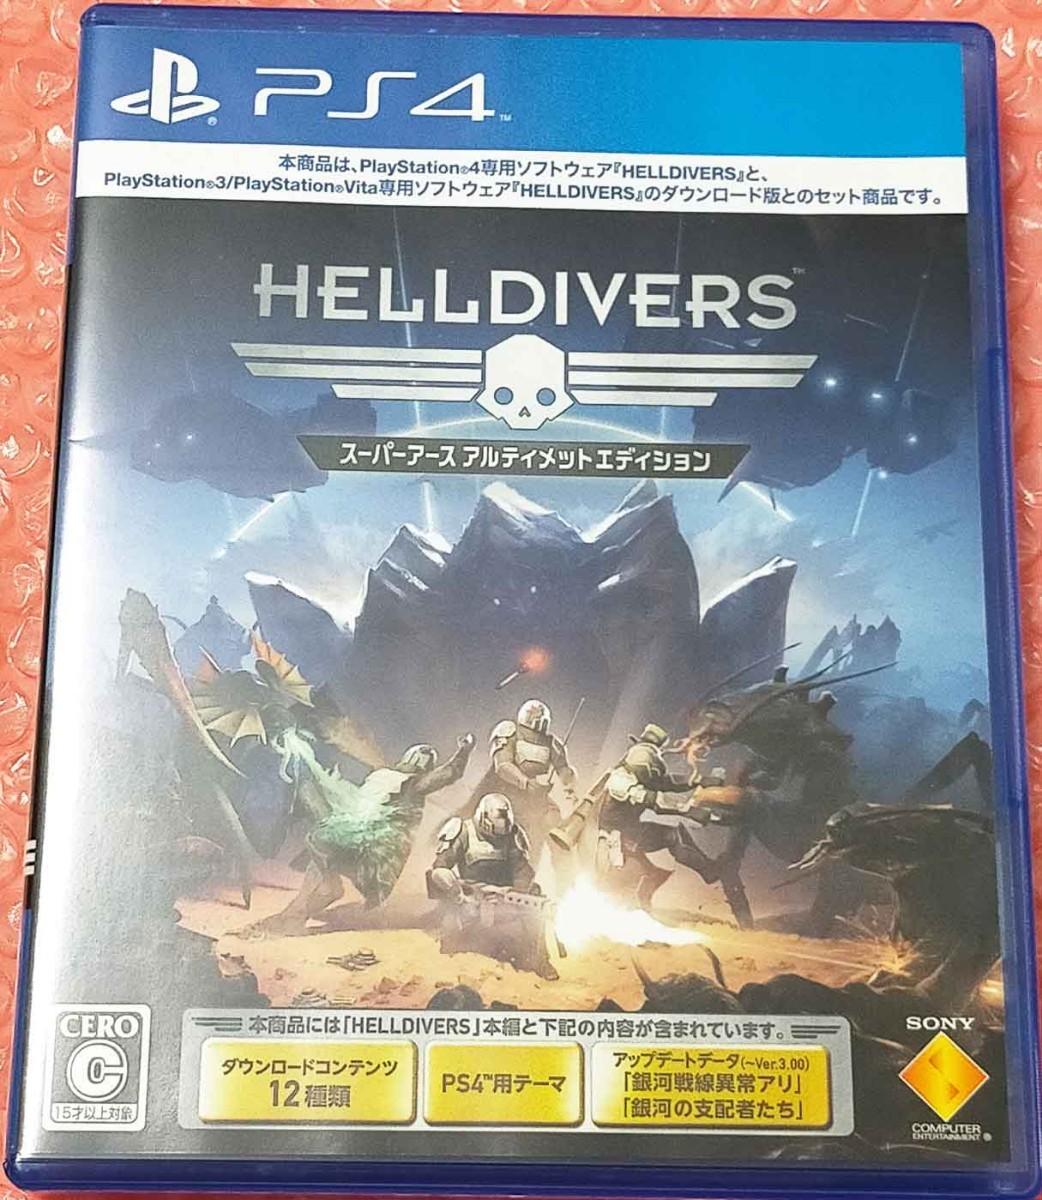 PS4版 HELLDIVERS スーパーアース アルティメットエディション